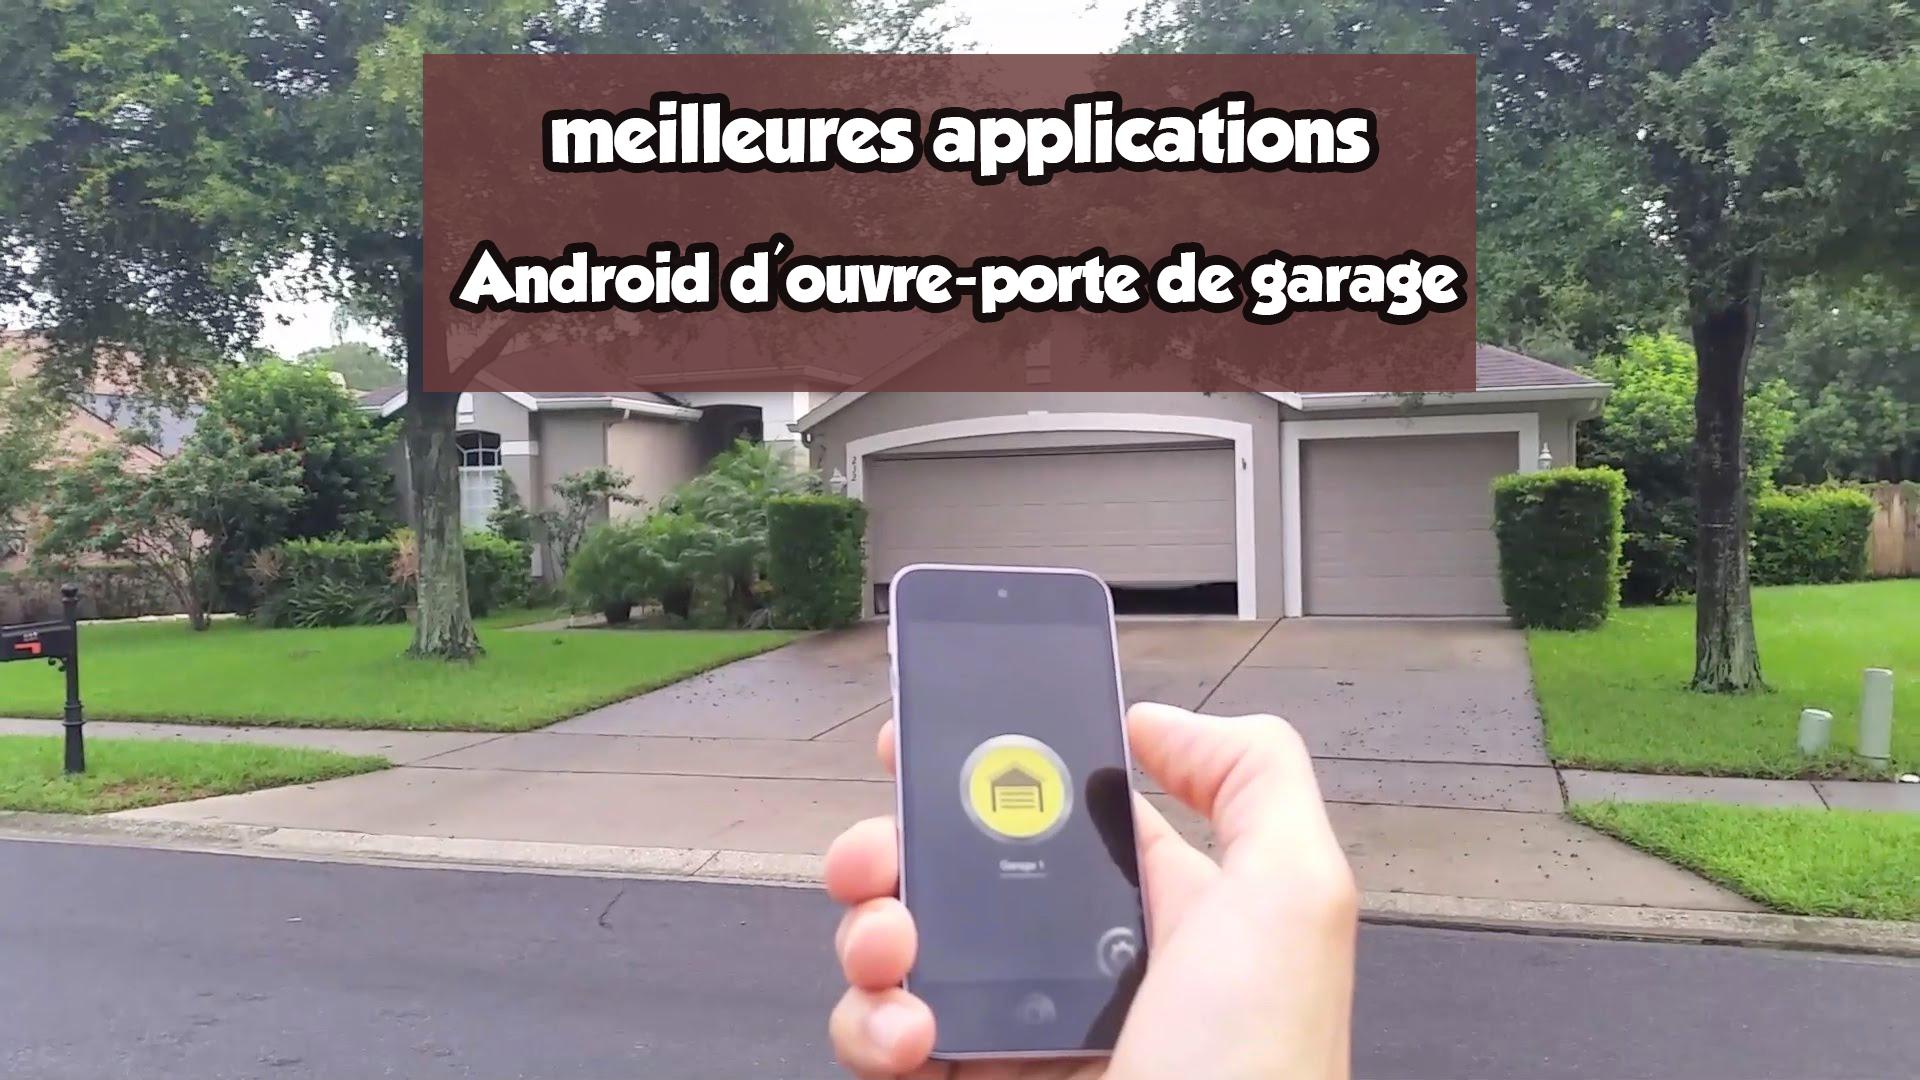 Application pour ouvrir porte de garage